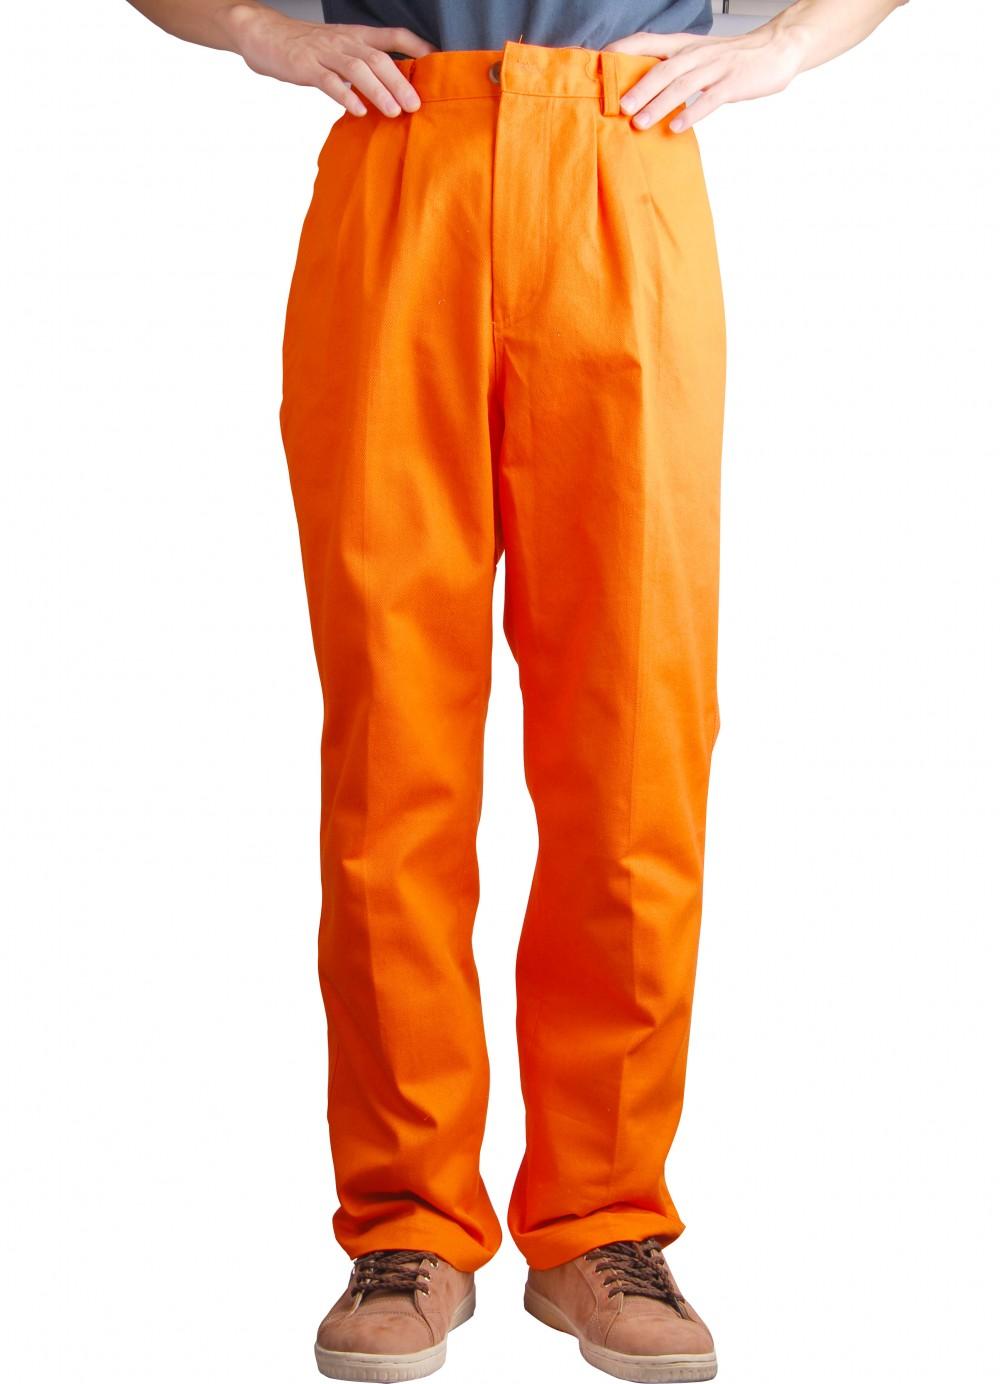 AP-8101友盟橙色可水洗棉布防火阻燃焊裤